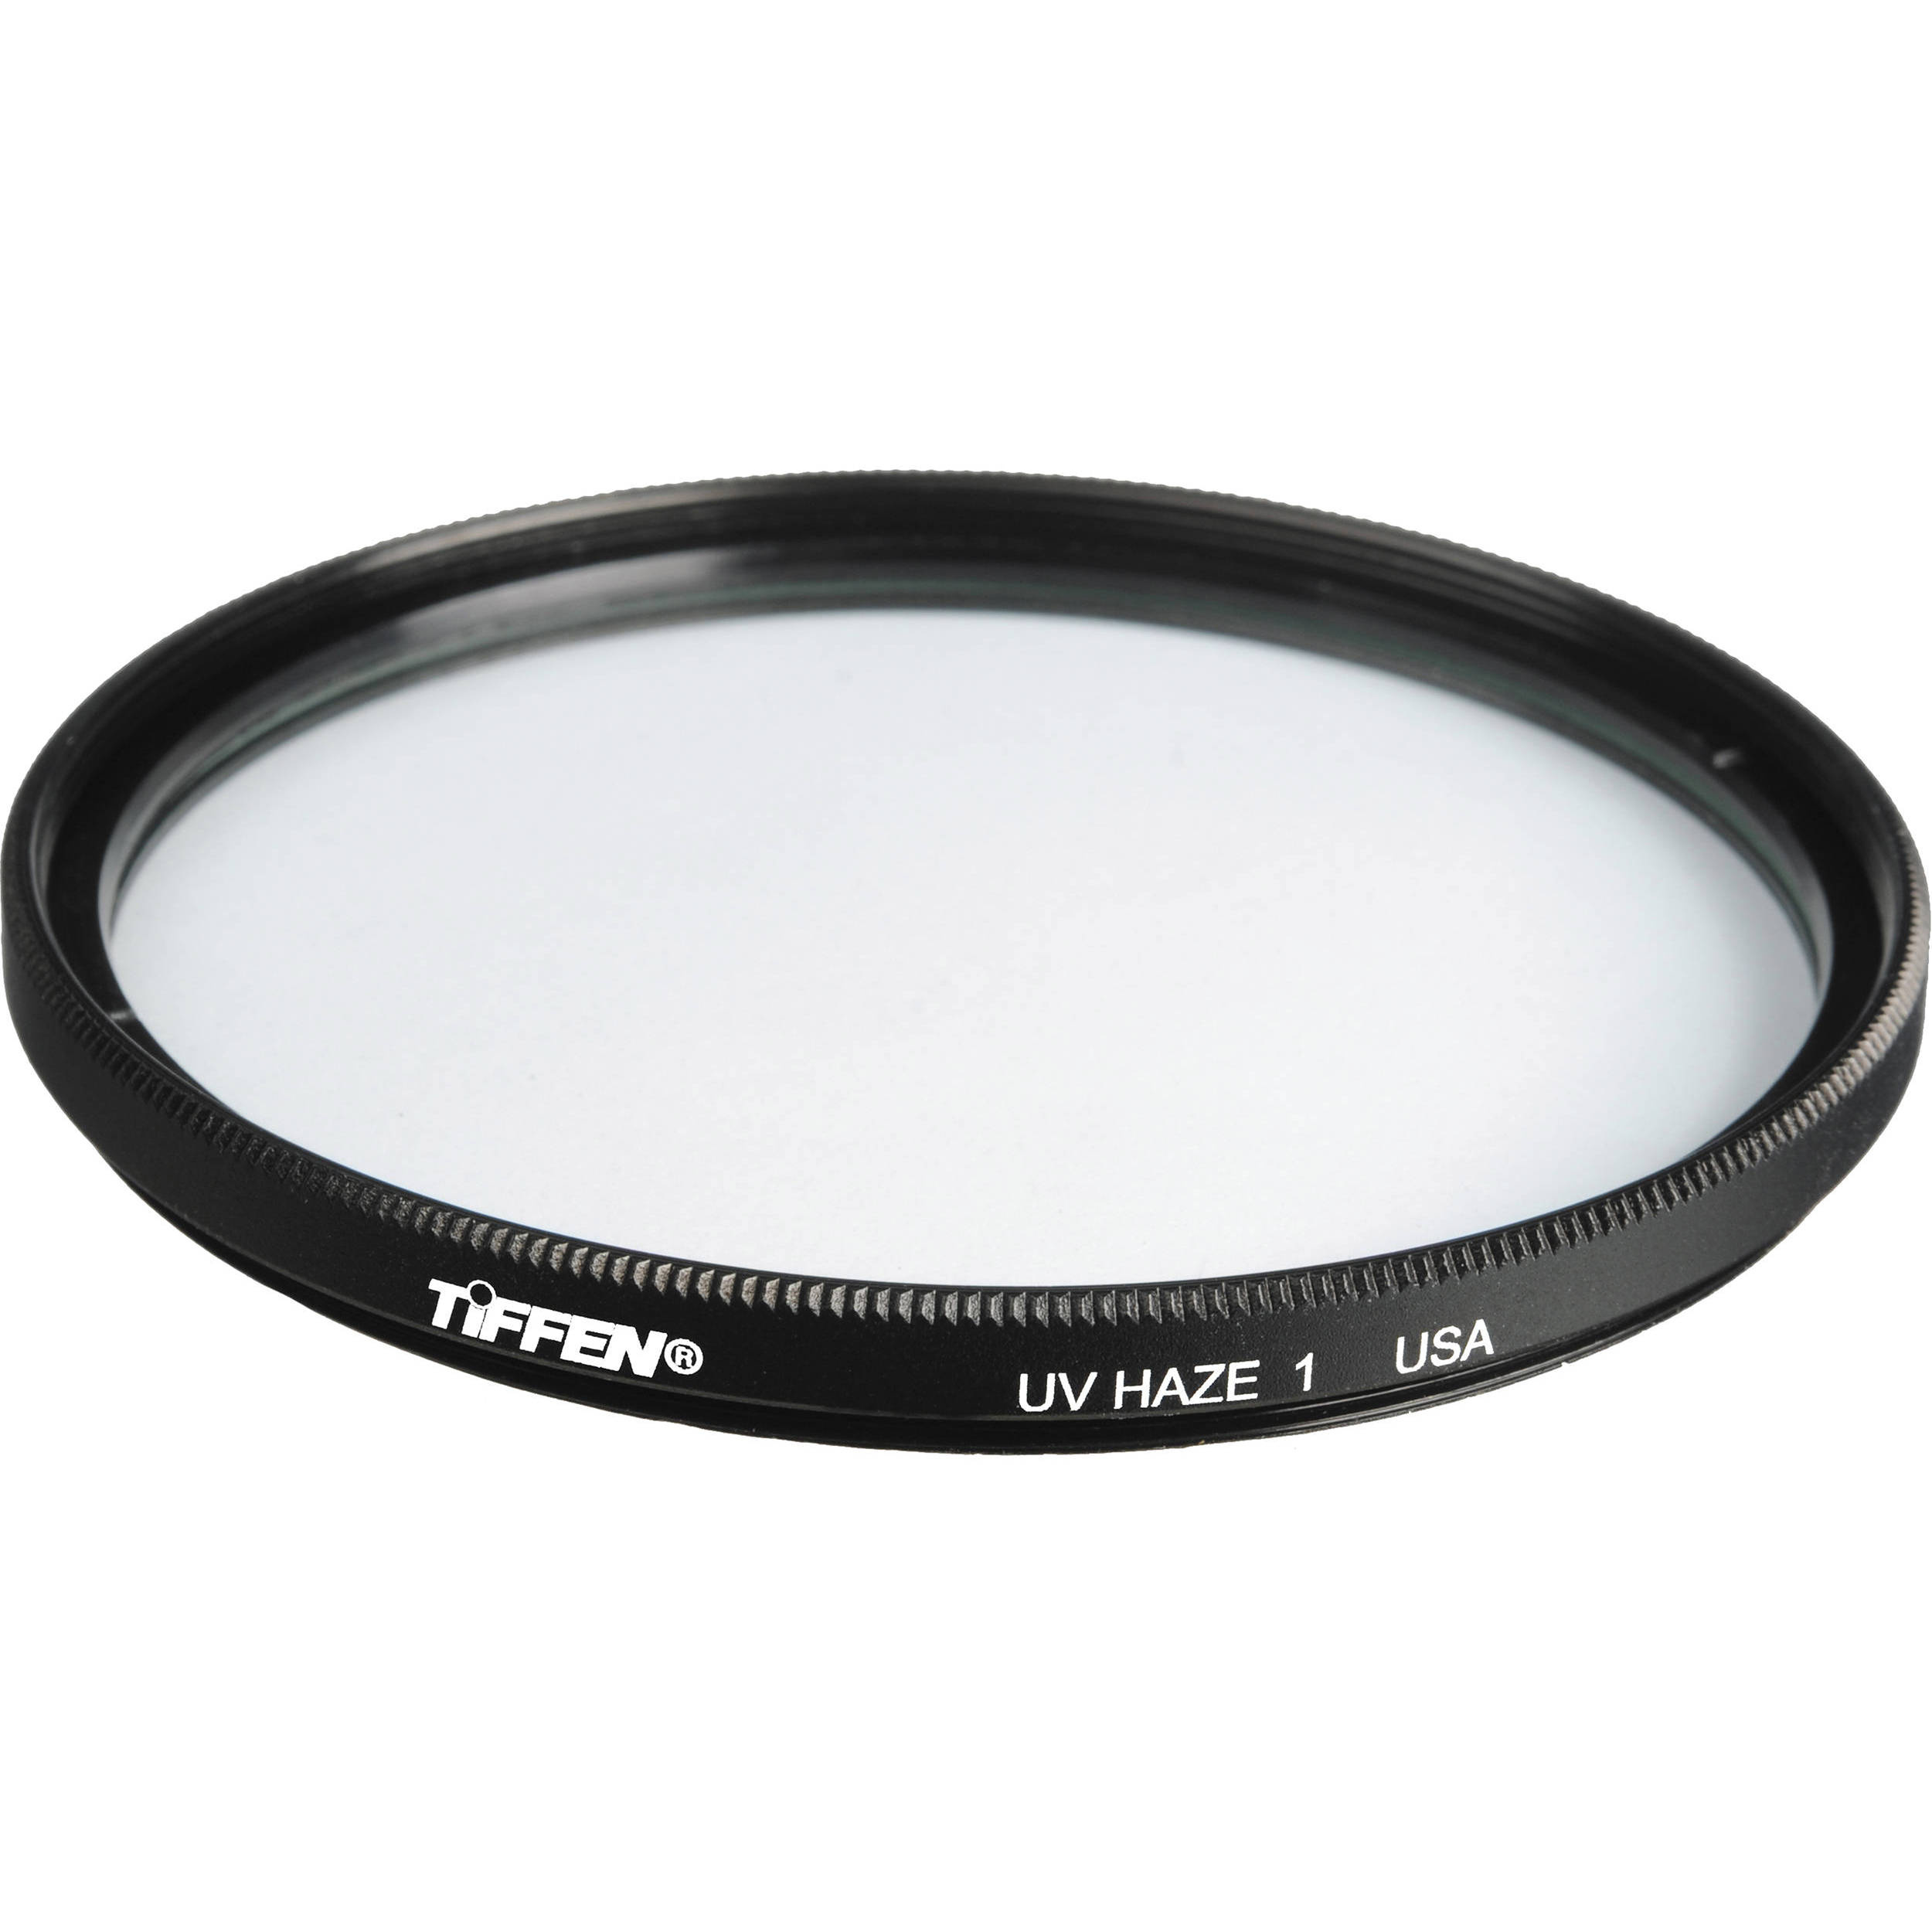 Tiffen 58mm UV Haze 1 Filter